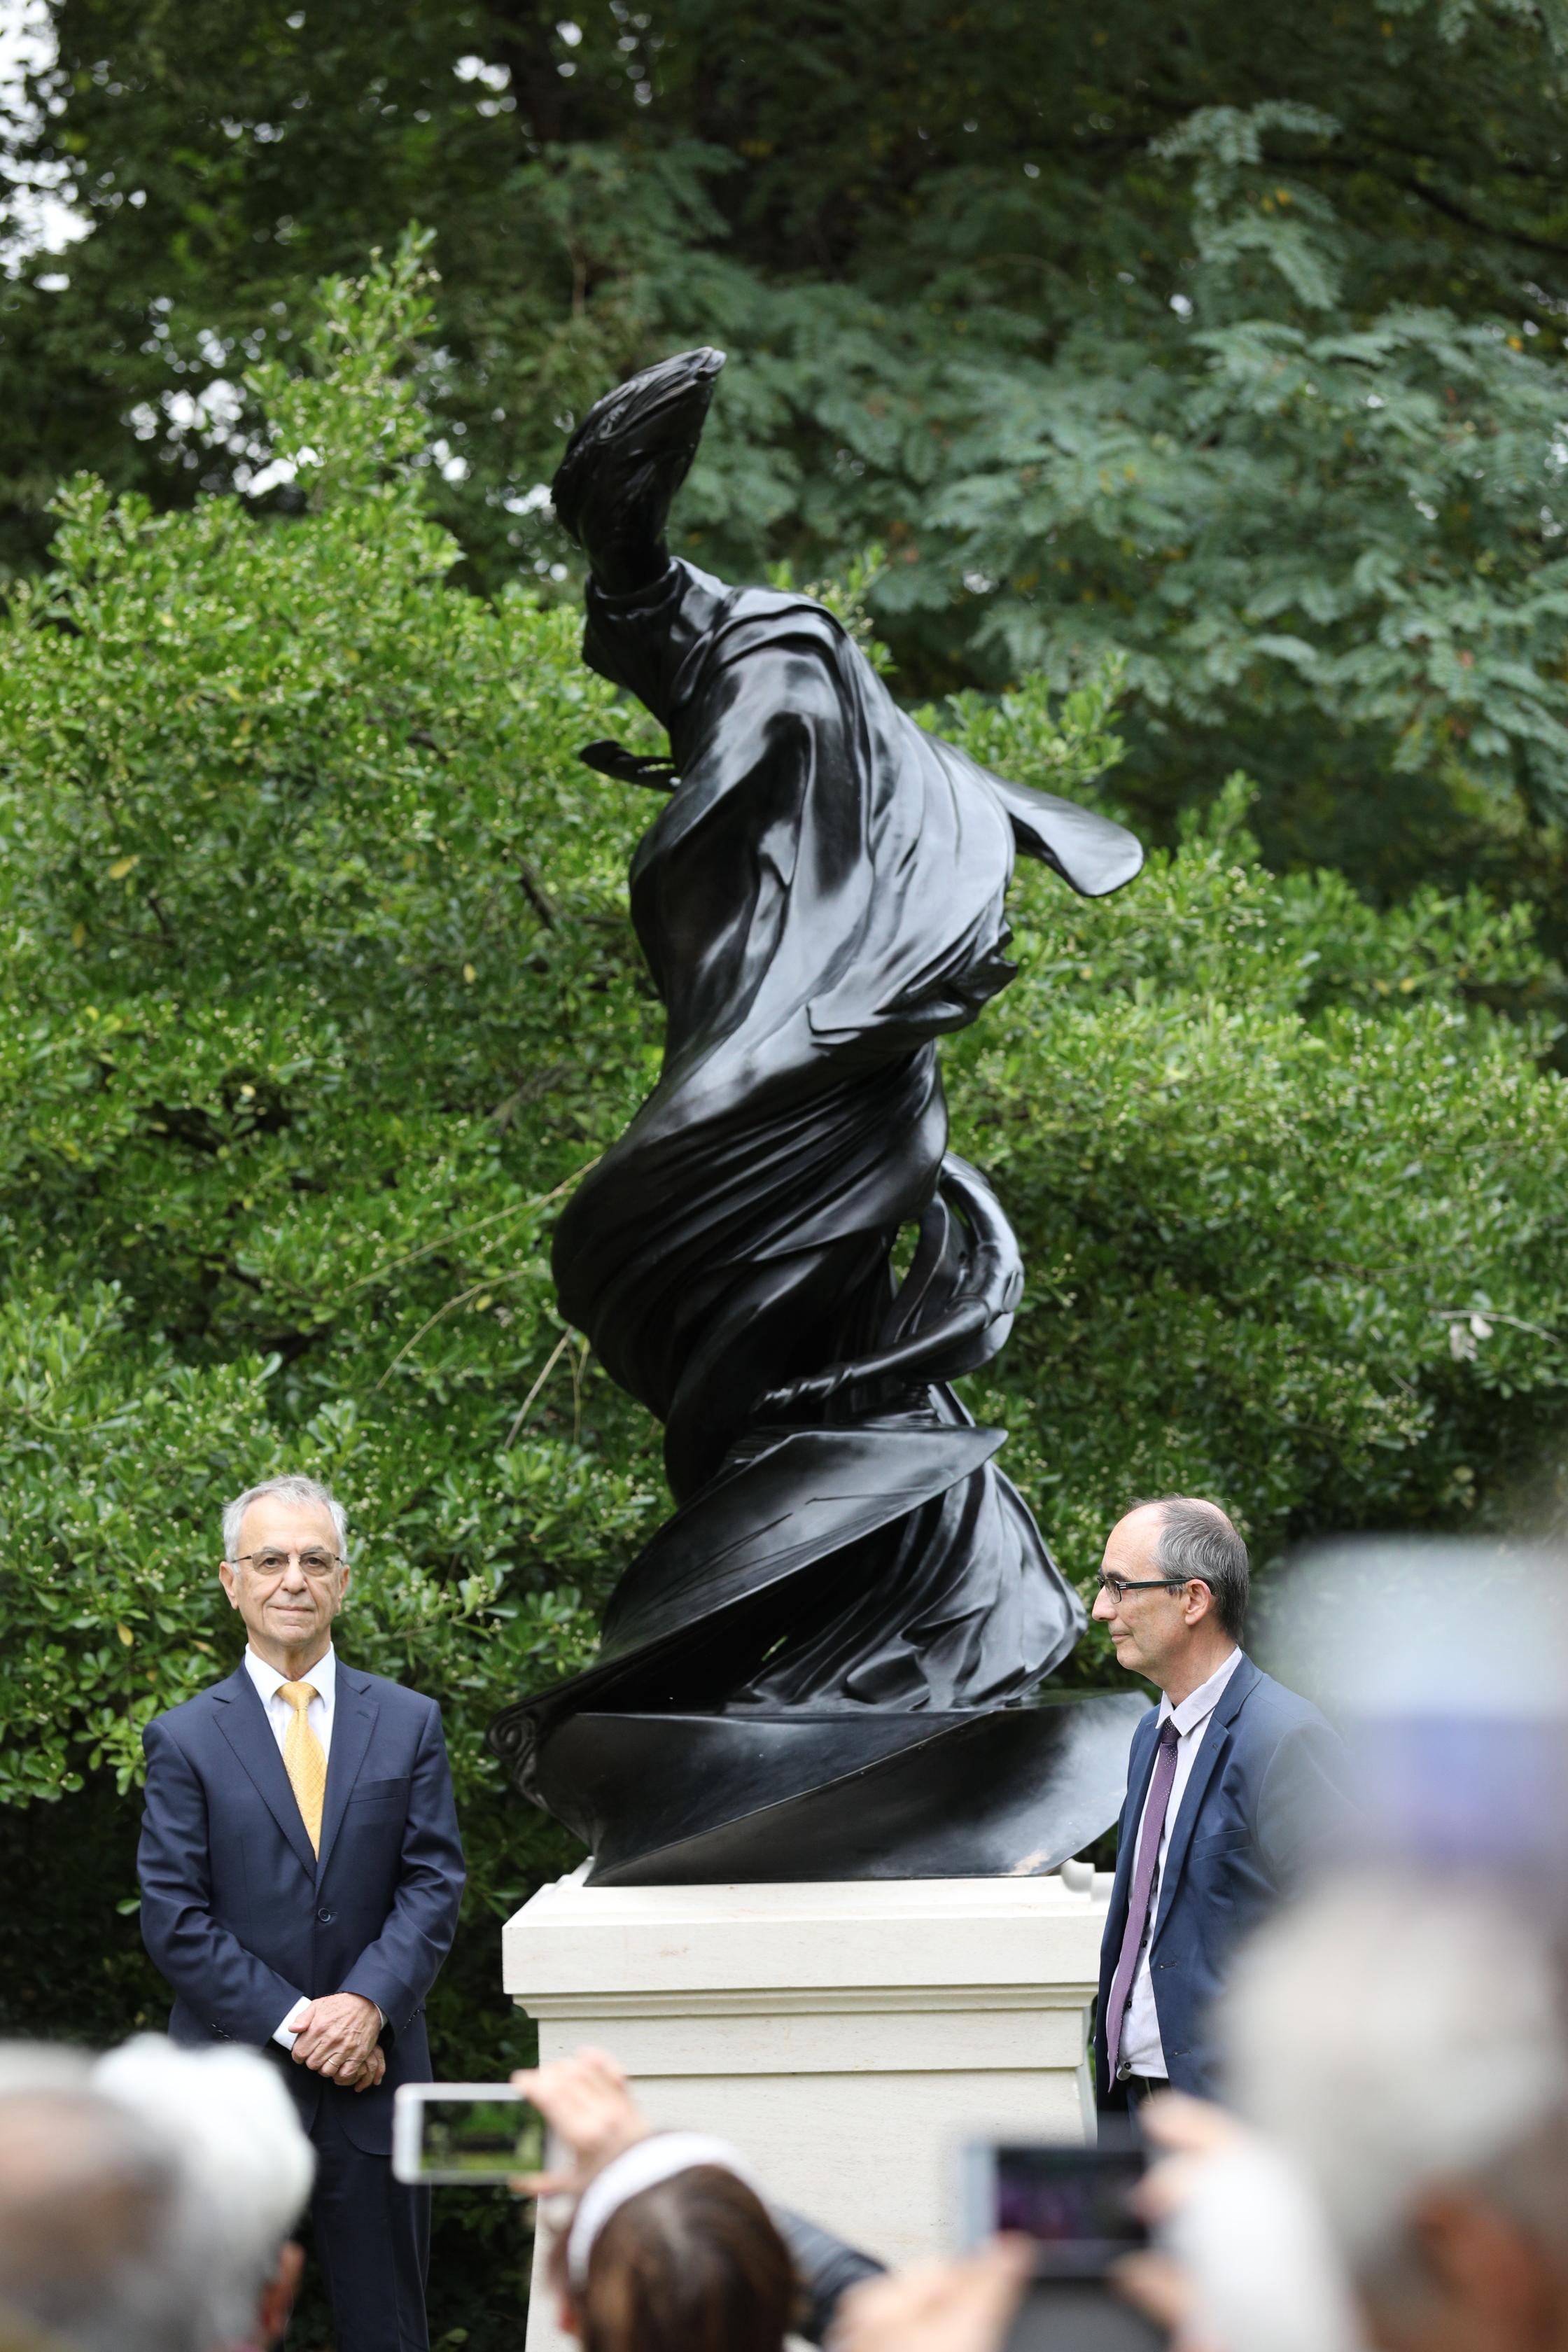 Claude Catala et Hubert Lévy-Lambert devant la statue dévoilée. © Jean Aboudarham, Observatoire de Paris